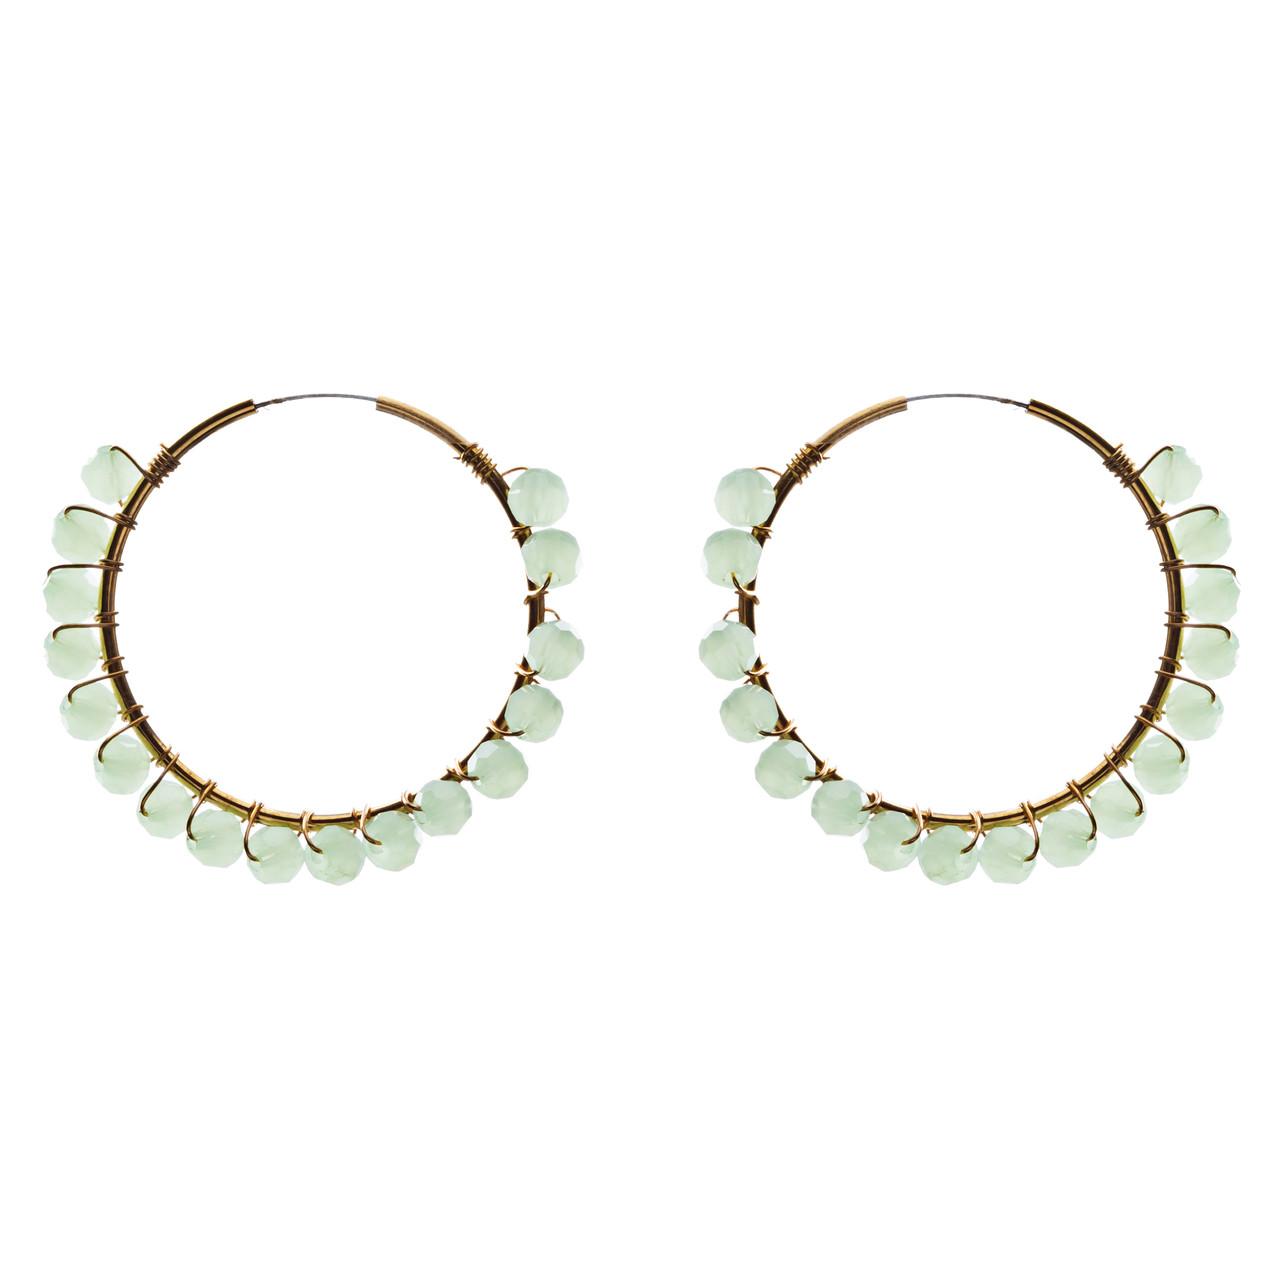 Green wired hoop earrings